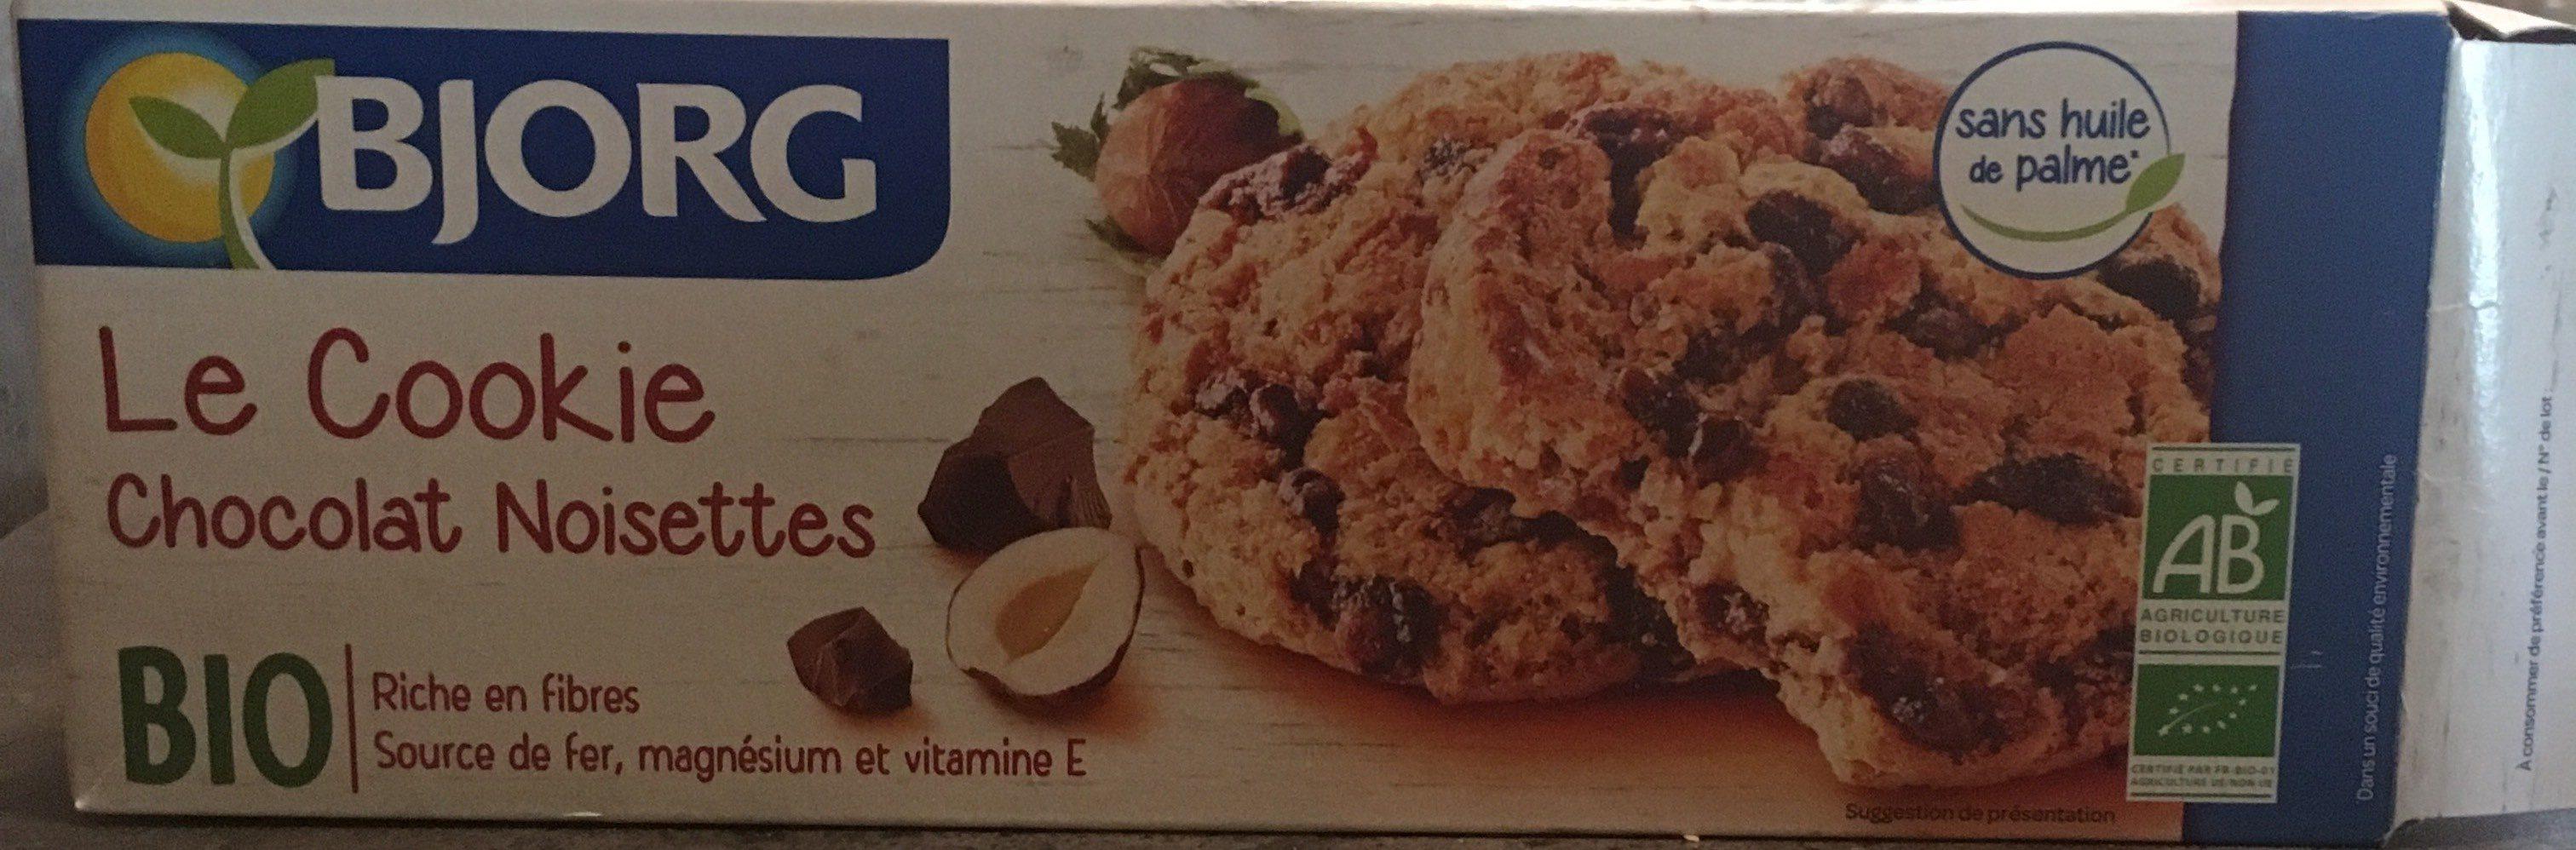 Le cookie chocolat noisette - Product